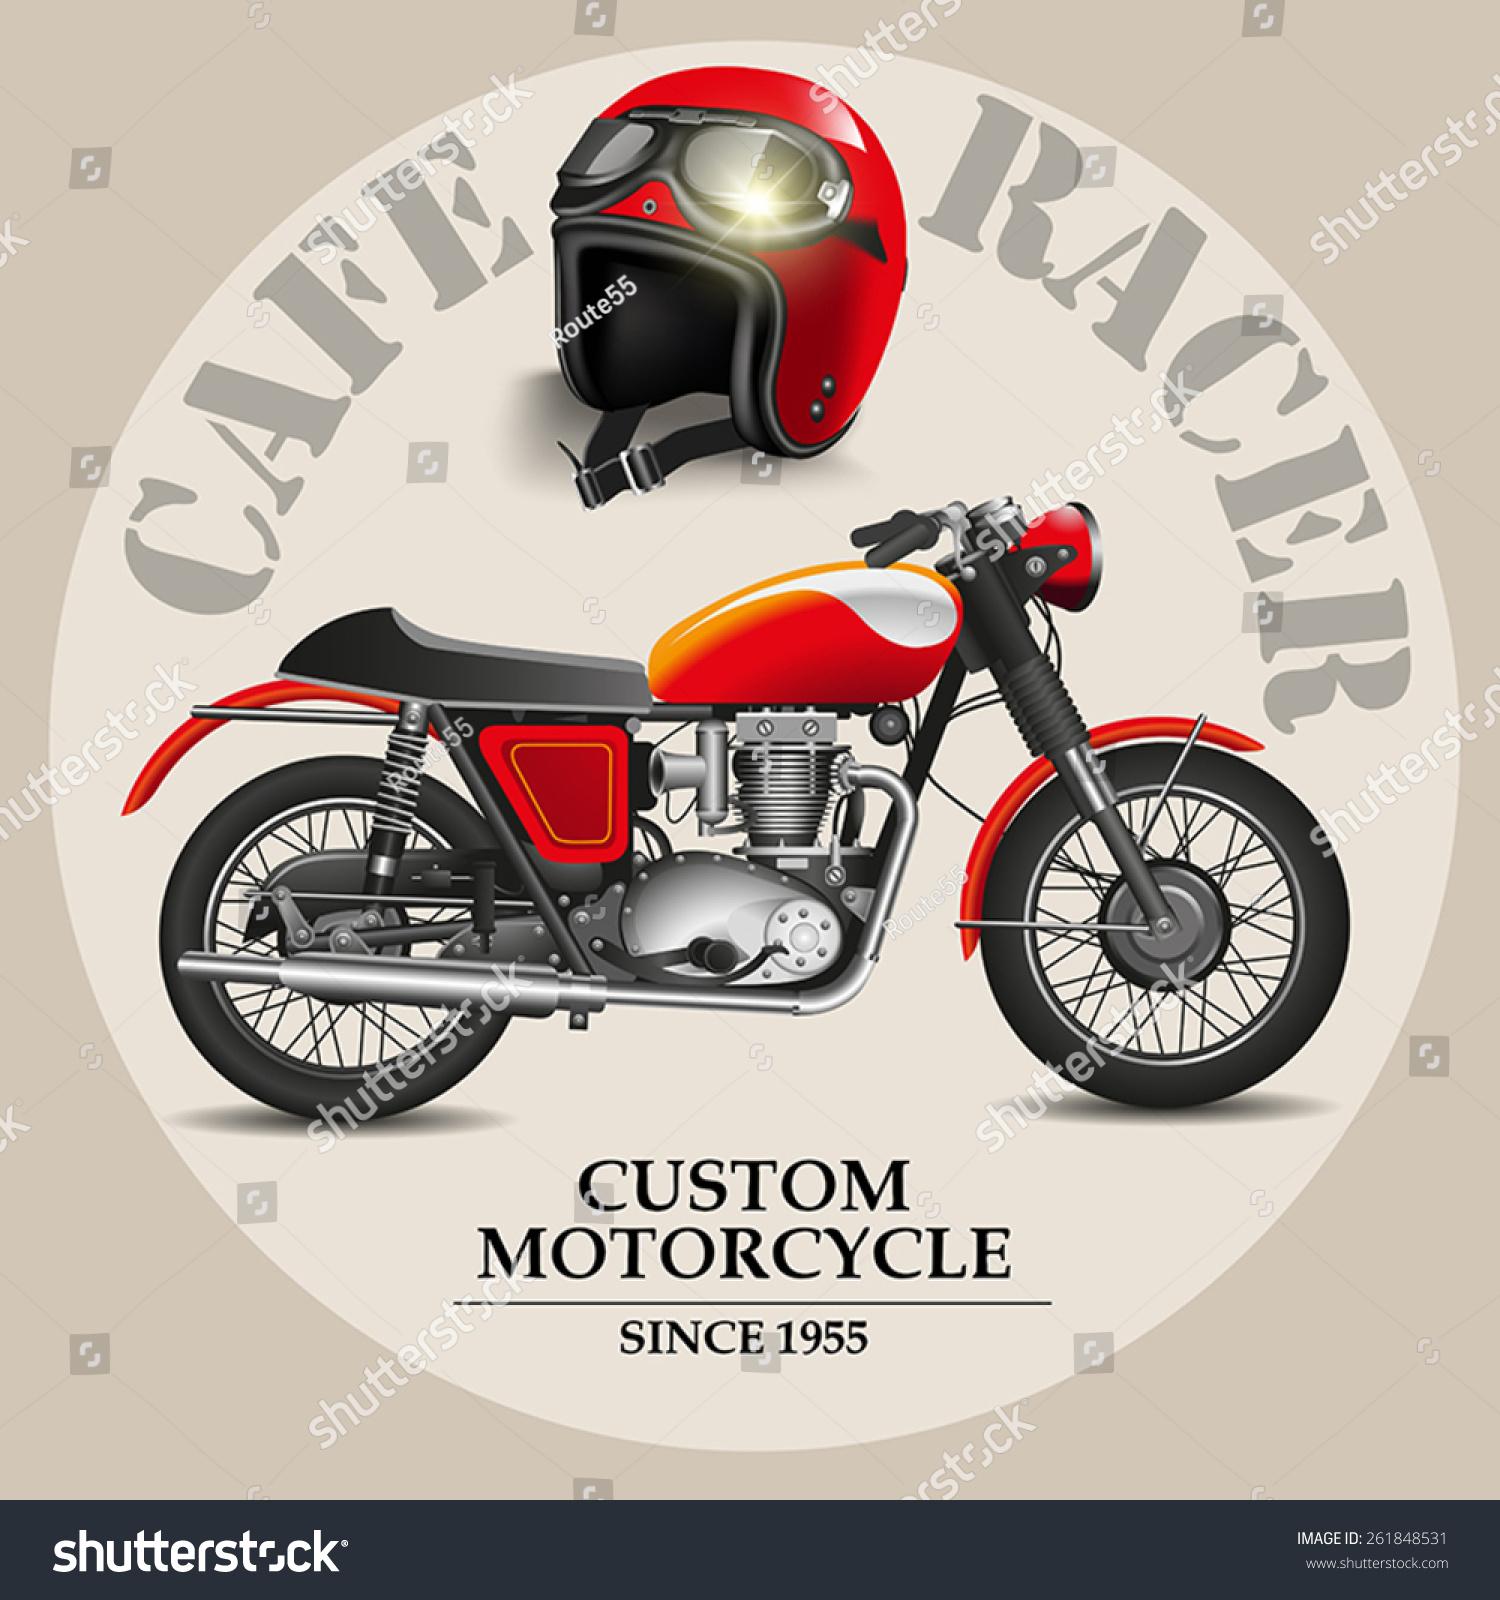 Vector De Stock Libre De Regalias Sobre Moto Estilo Cafe Racer Con Casco261848531